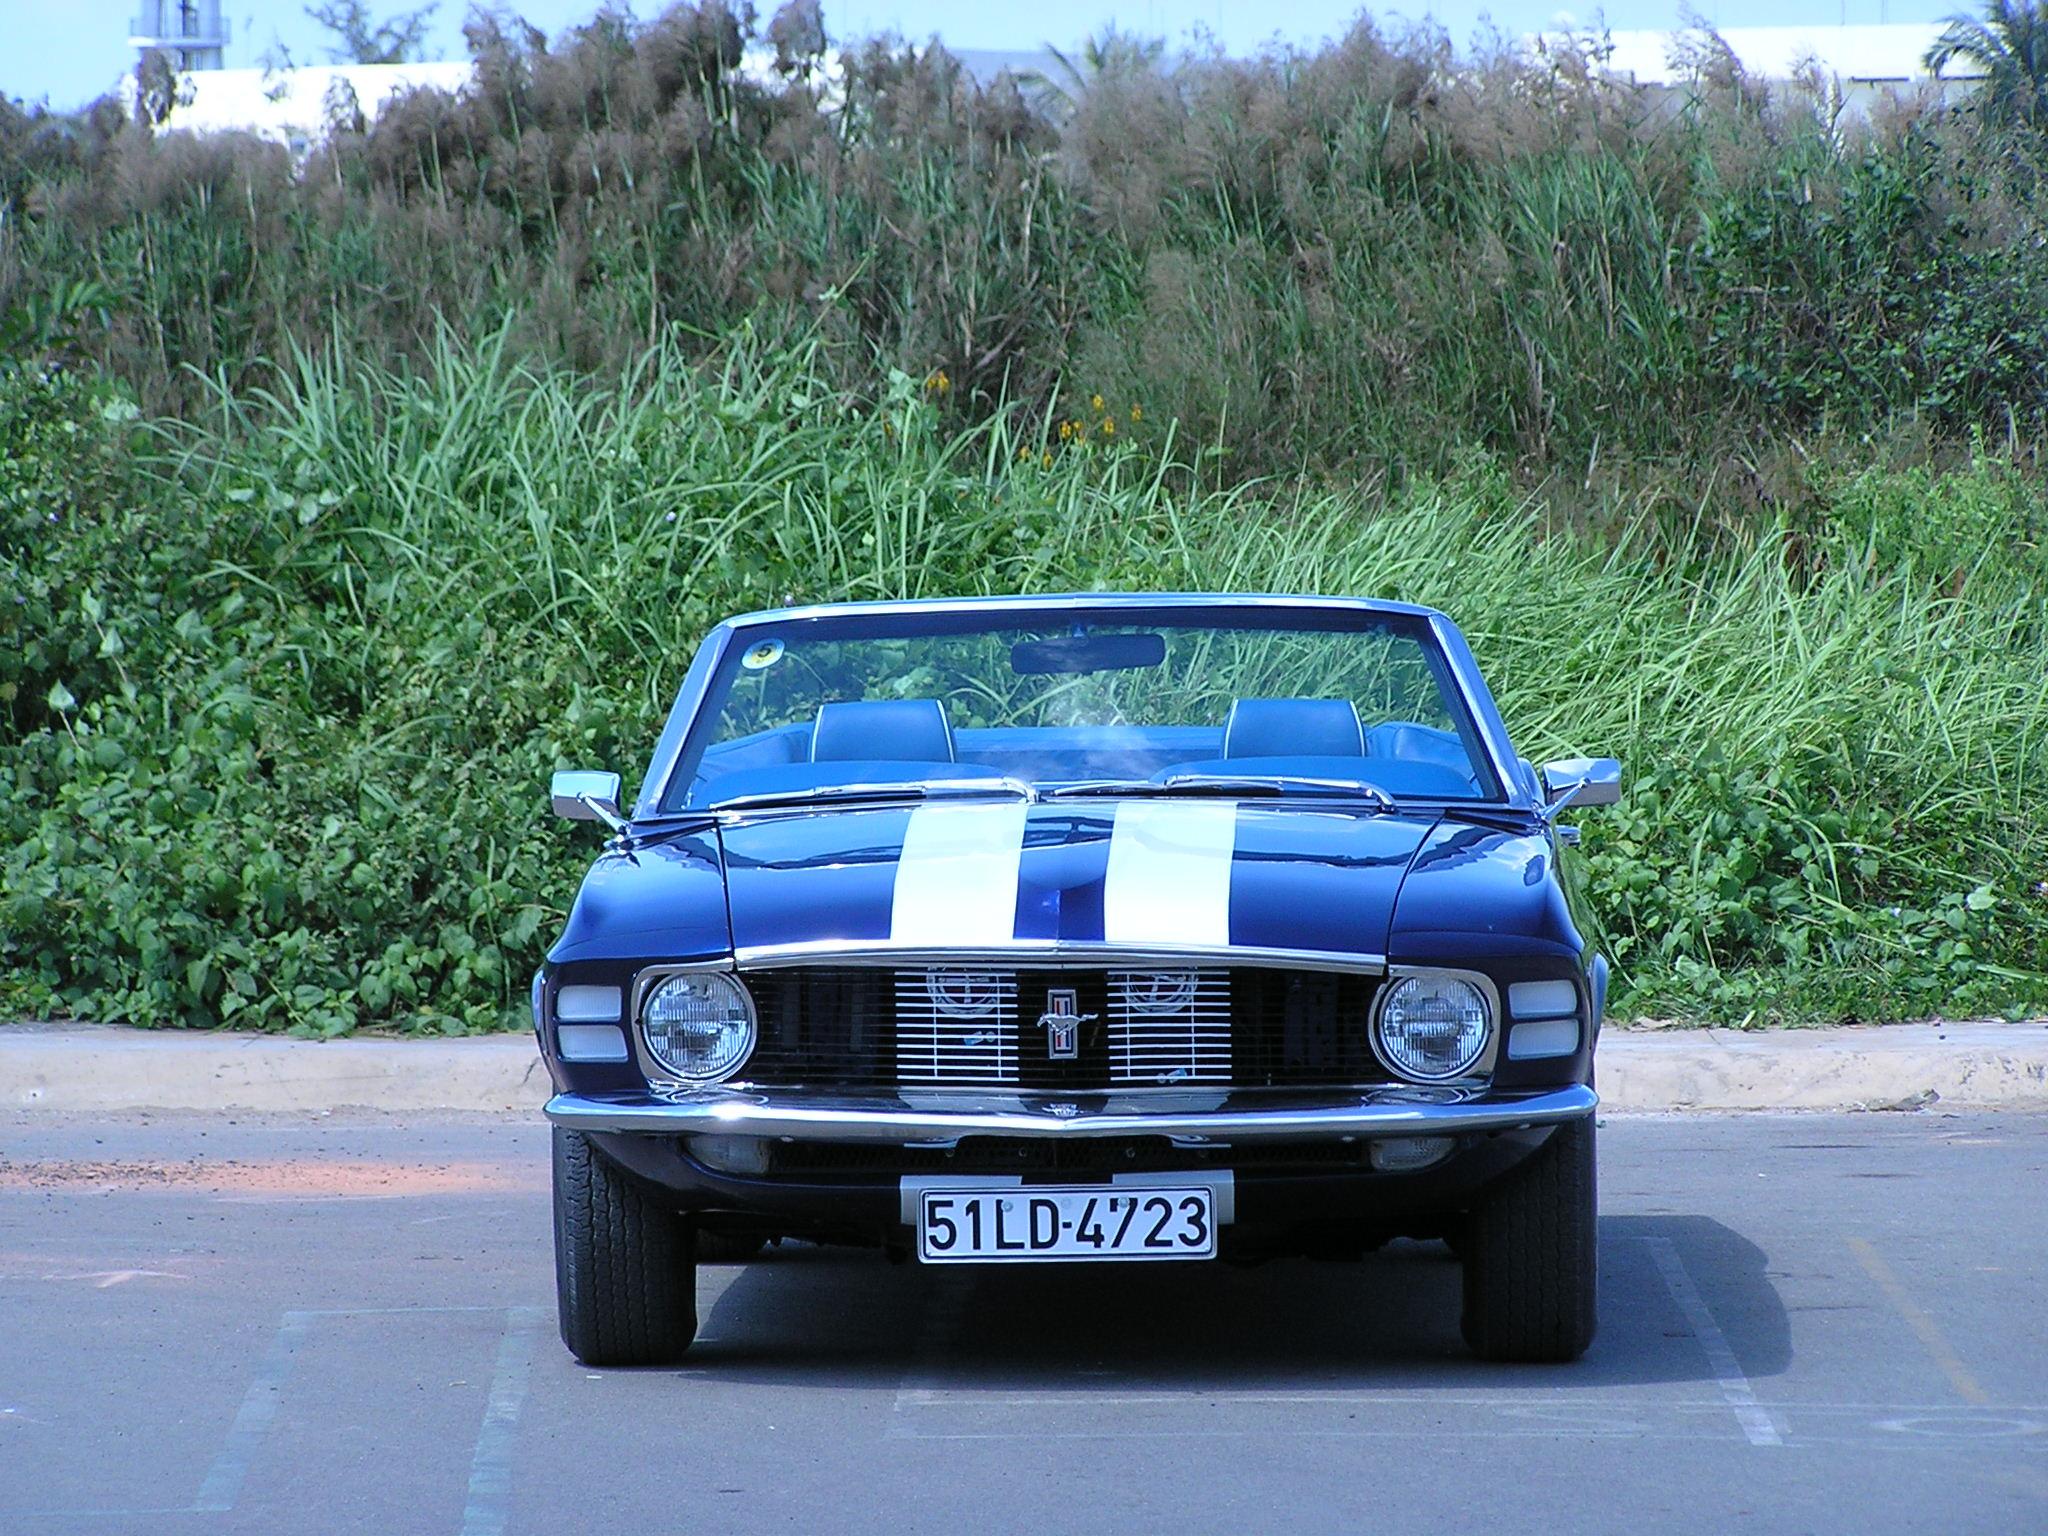 Khám phá xe cổ Ford Mustang 1970 tại Sài Gòn_4